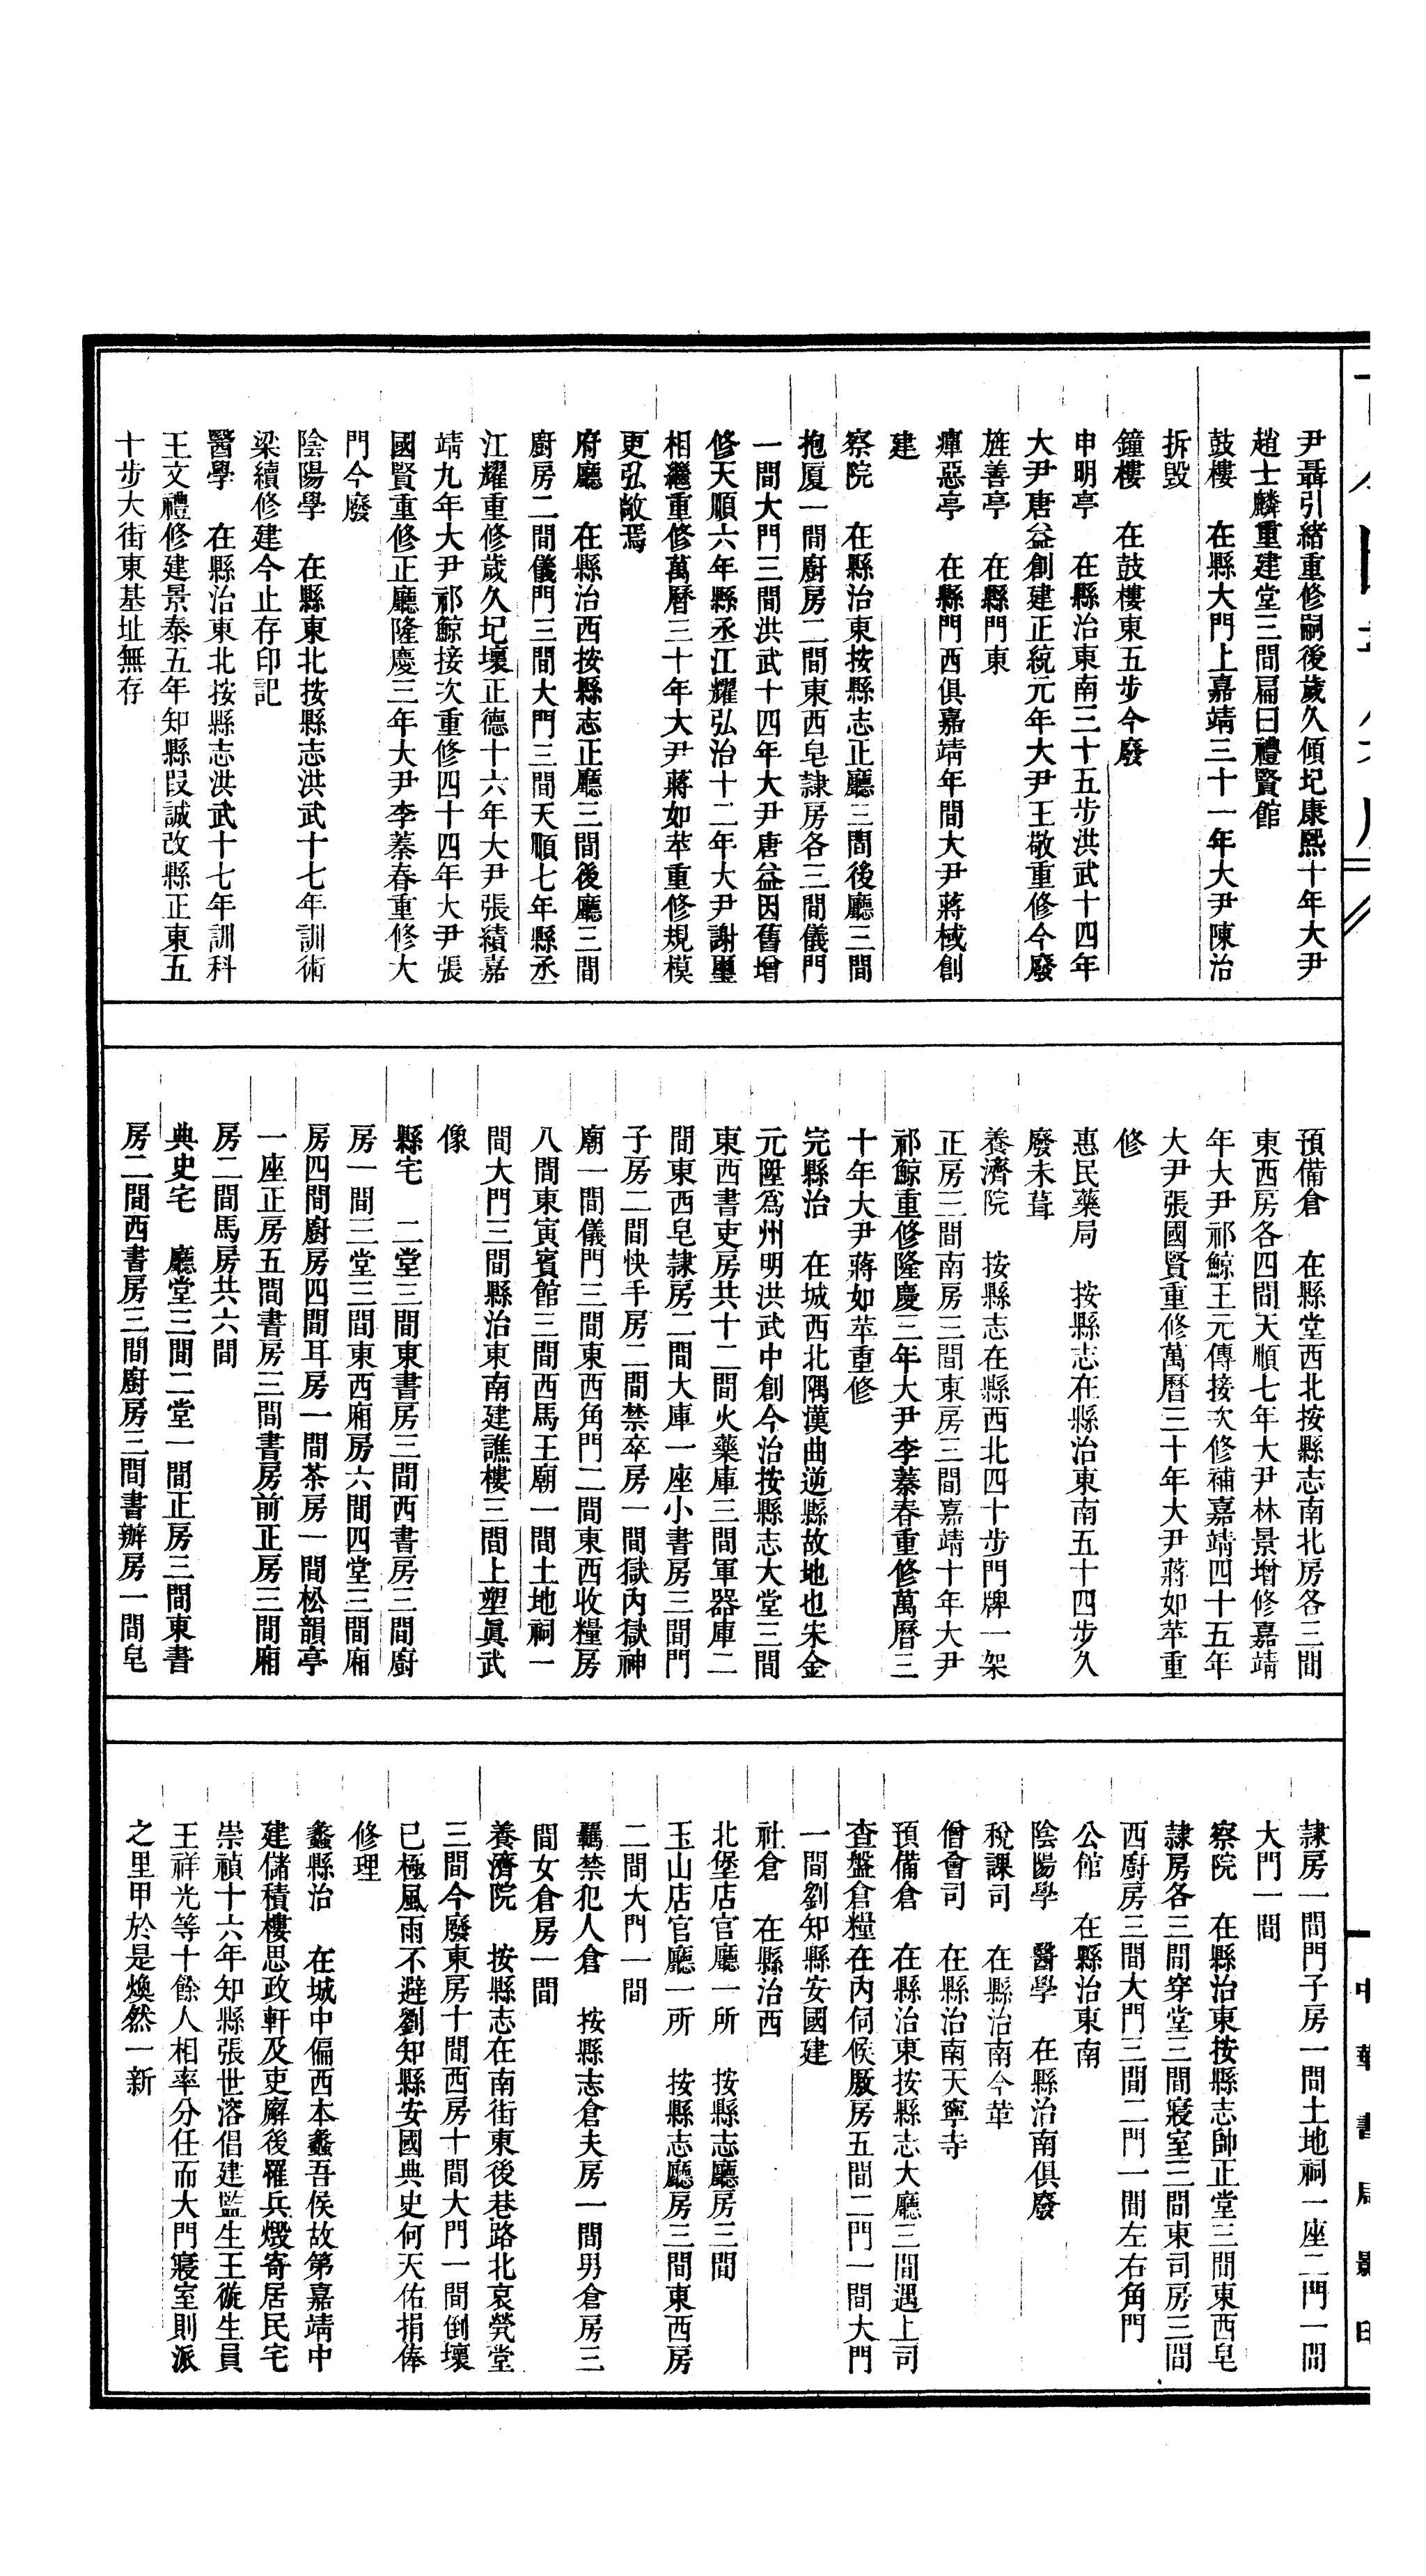 西本 誠 wiki